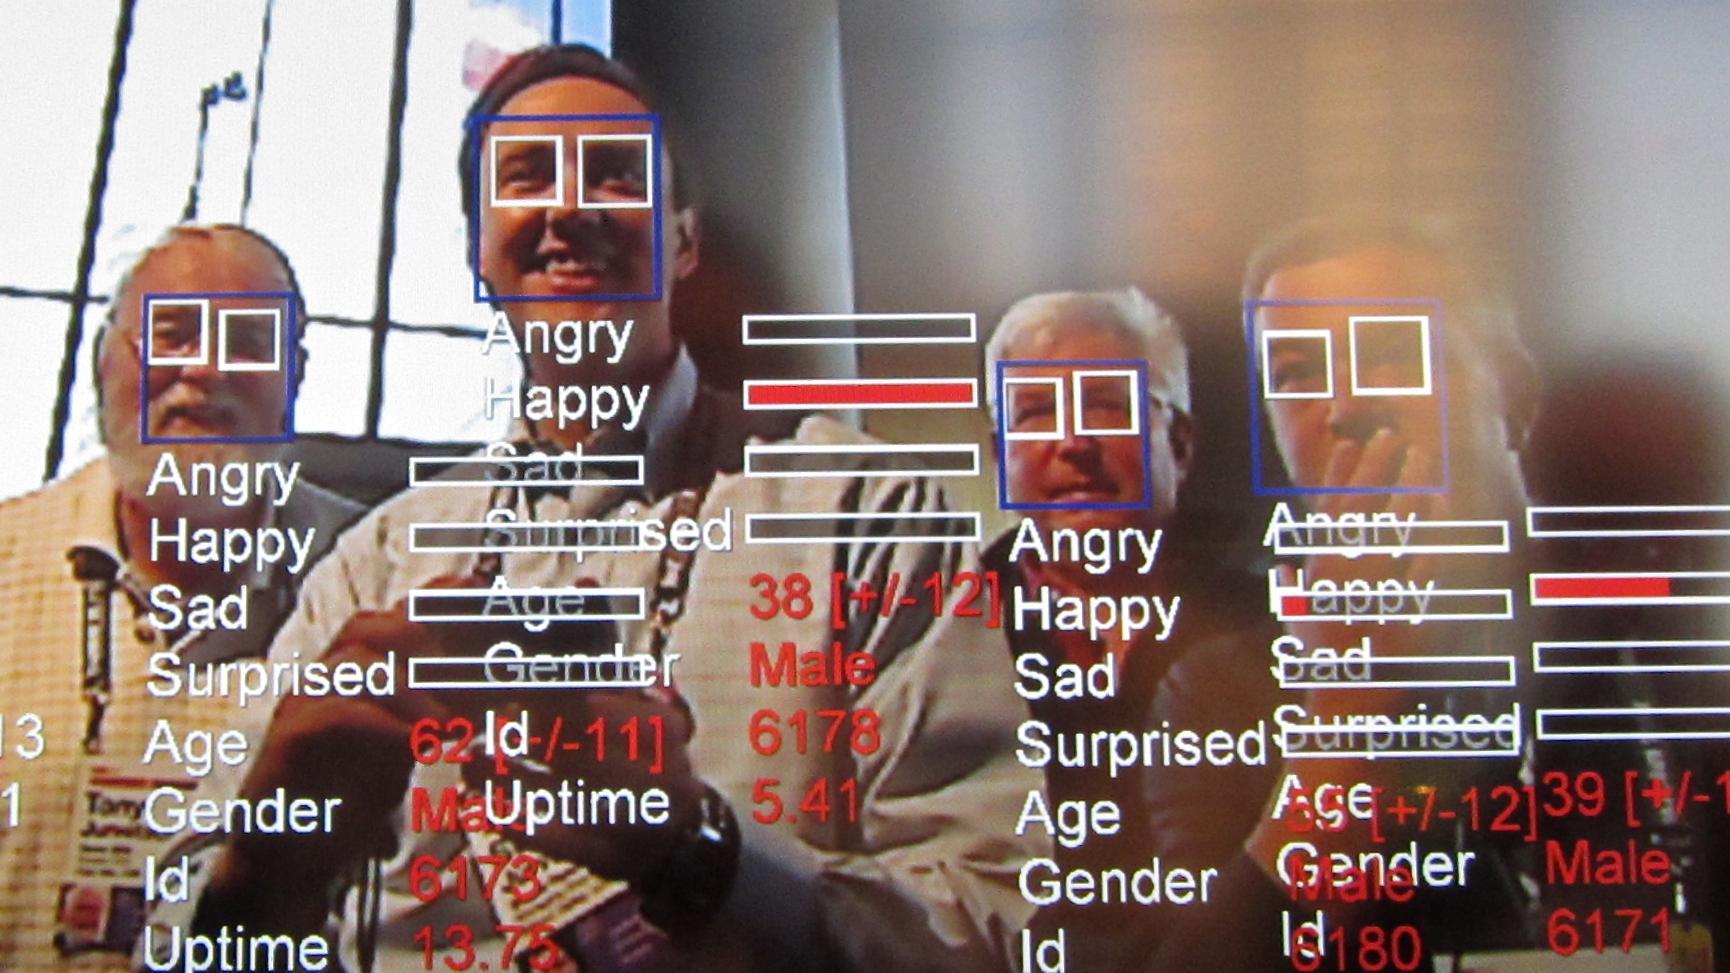 Ansigtsgenkendelse på en fladskærm